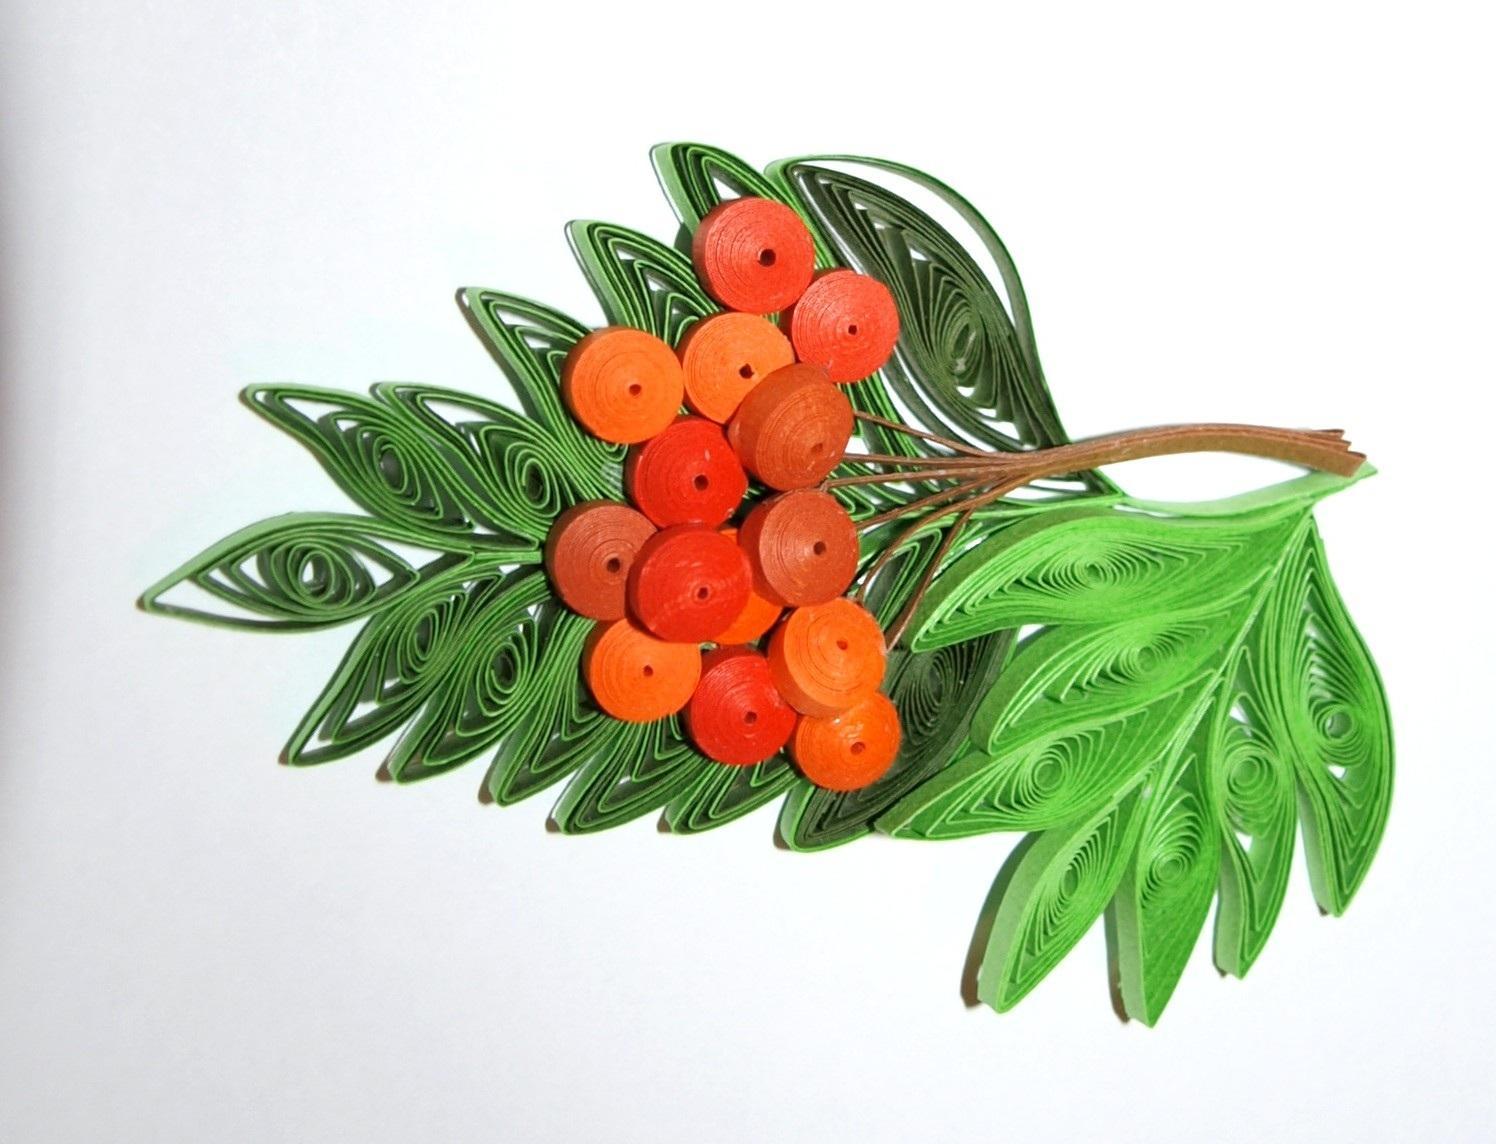 В данной поделке всё достаточно просто – ягоды делаем, туго закручивая роллы, а листья немного распускаем, прижимая у концов